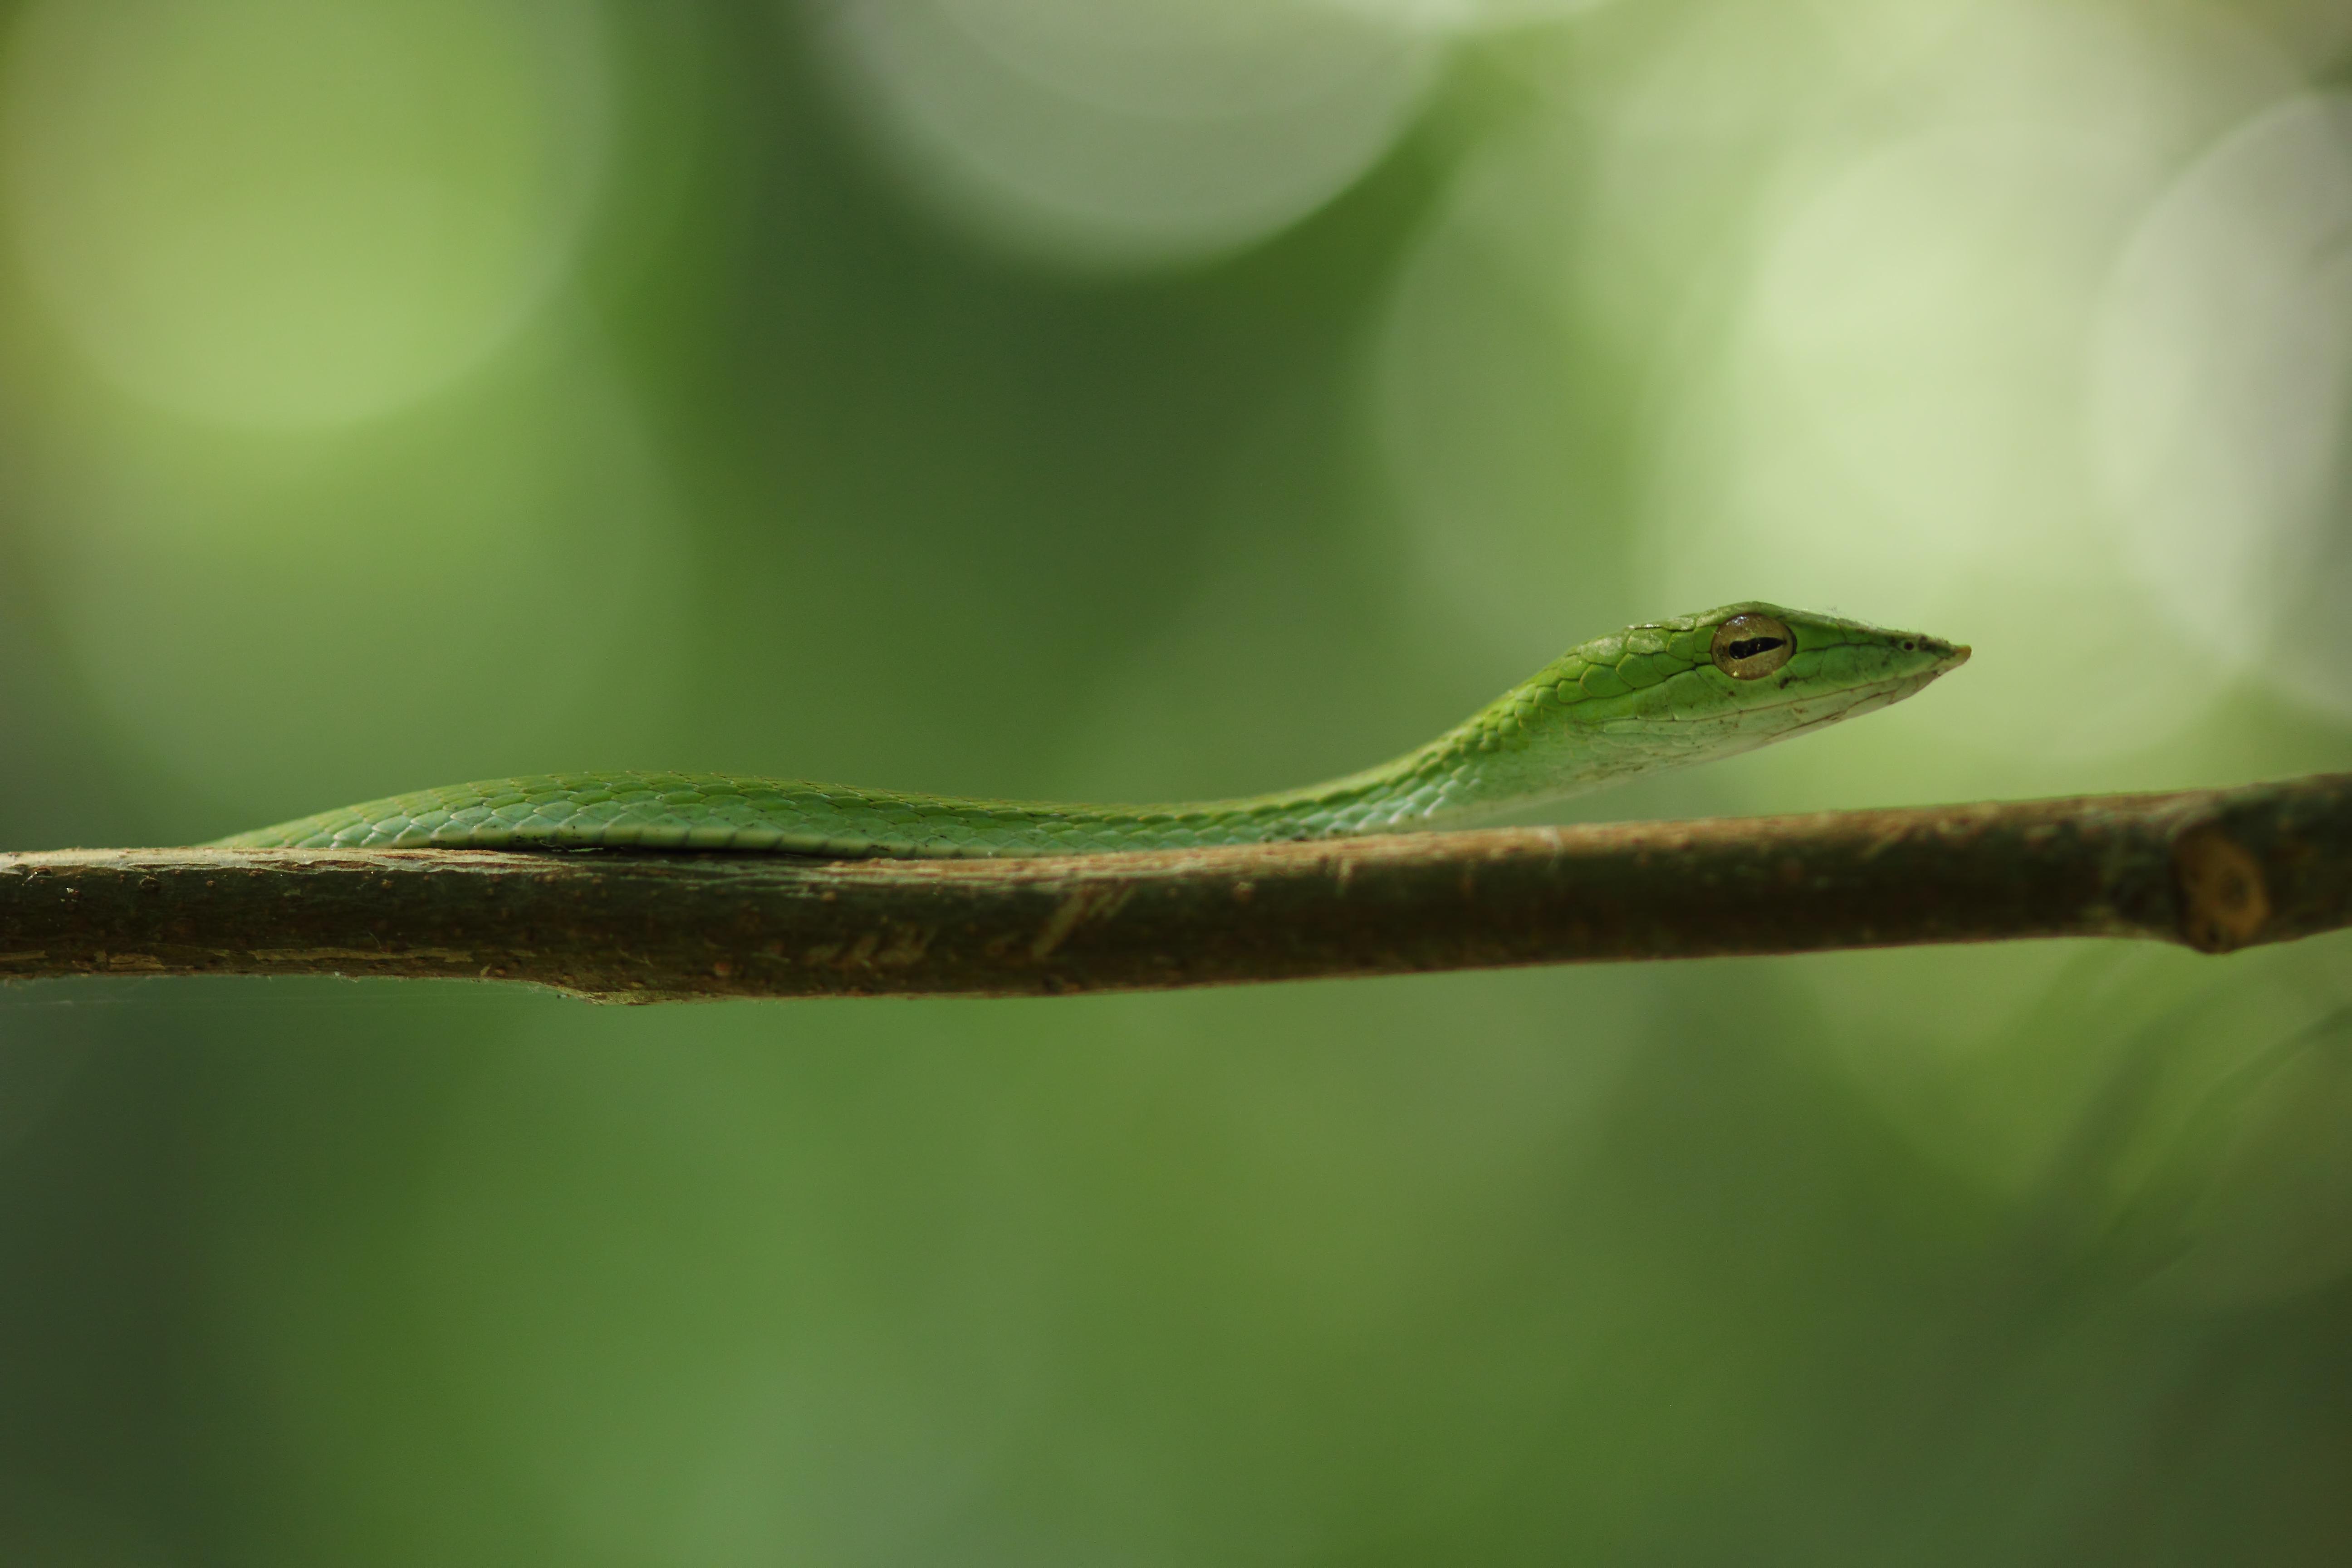 Зеленая змея макро съемка  № 3233926 загрузить